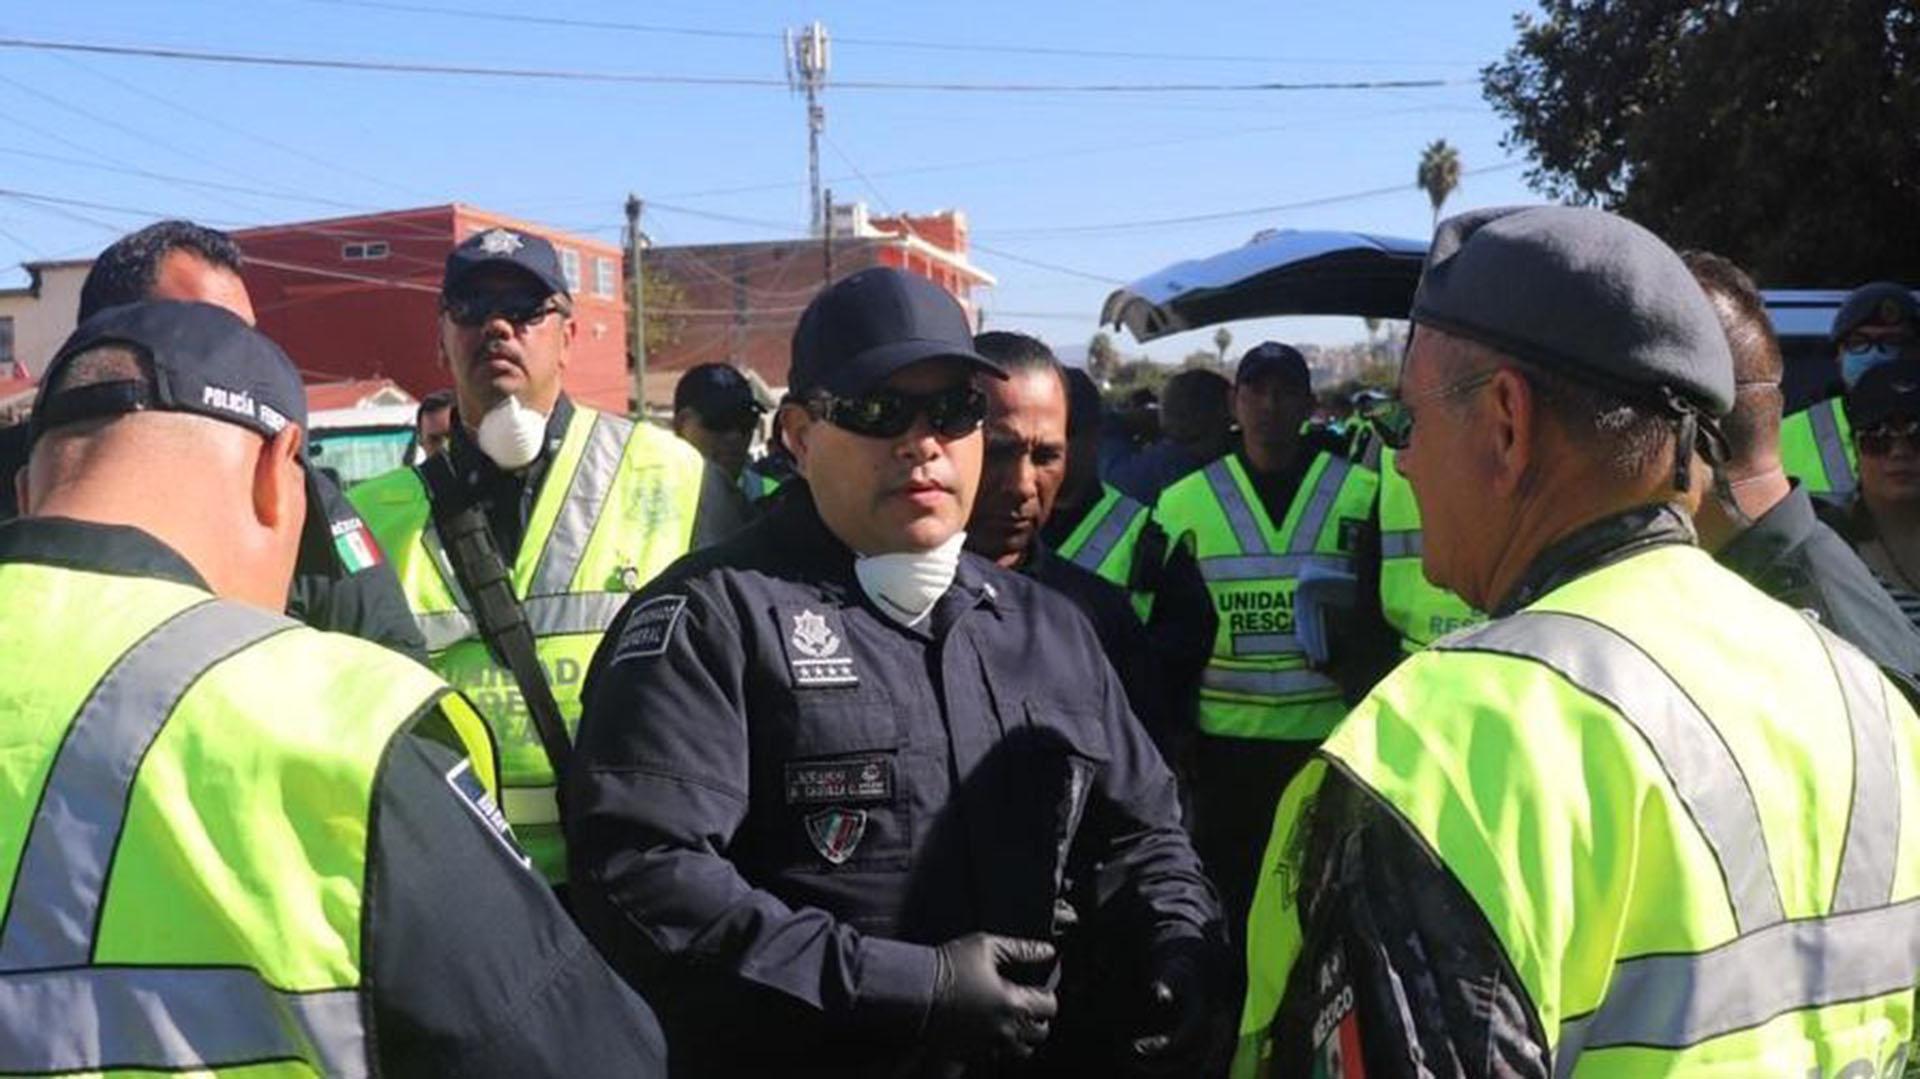 La Policía Federal mexicana reforzó su presencia en Tijuana. (Foto: Especial )